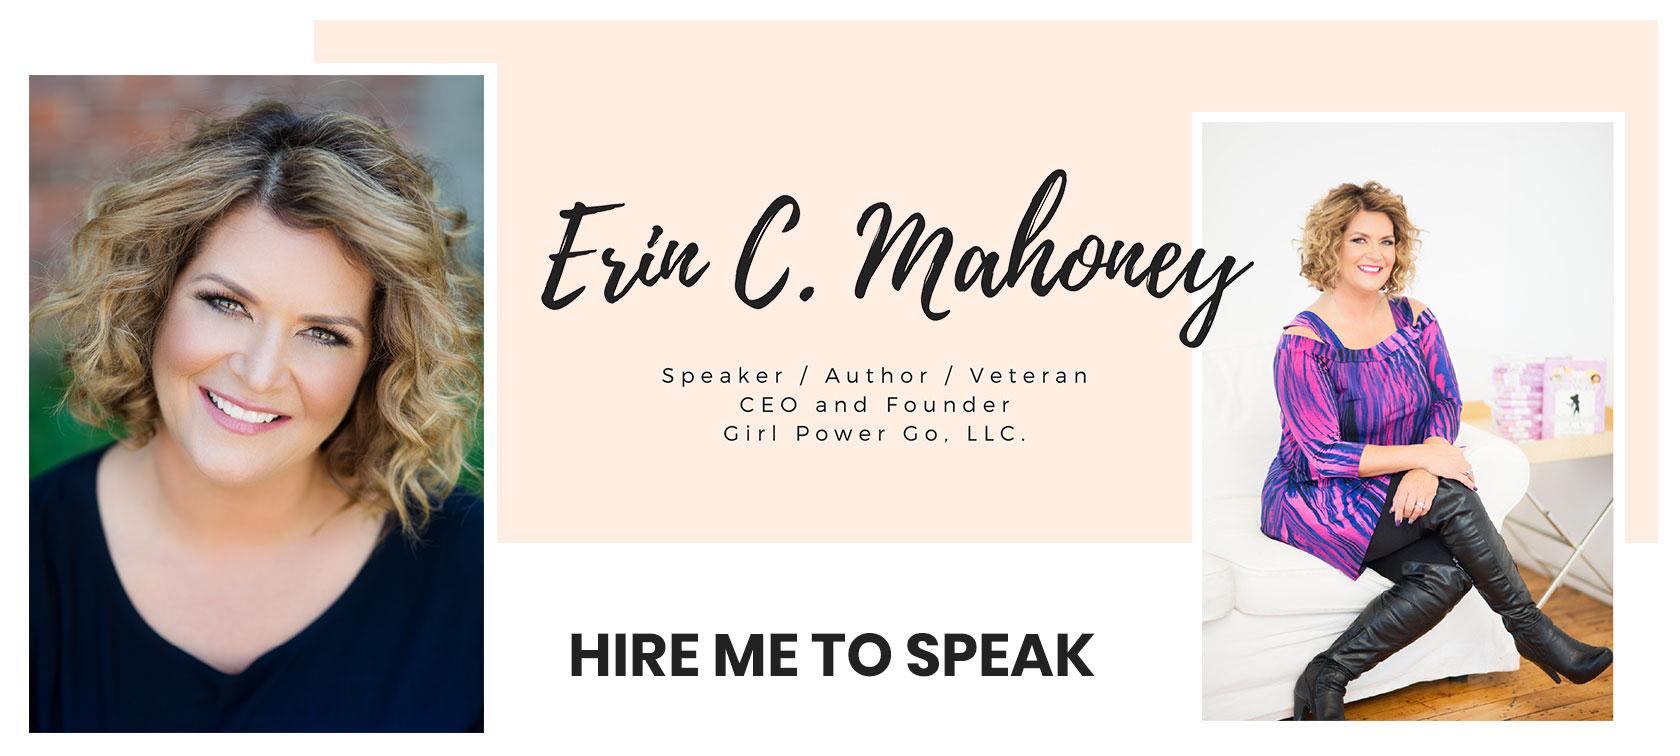 Erin Mahoney speaker author veteran - hire to speak in presentations